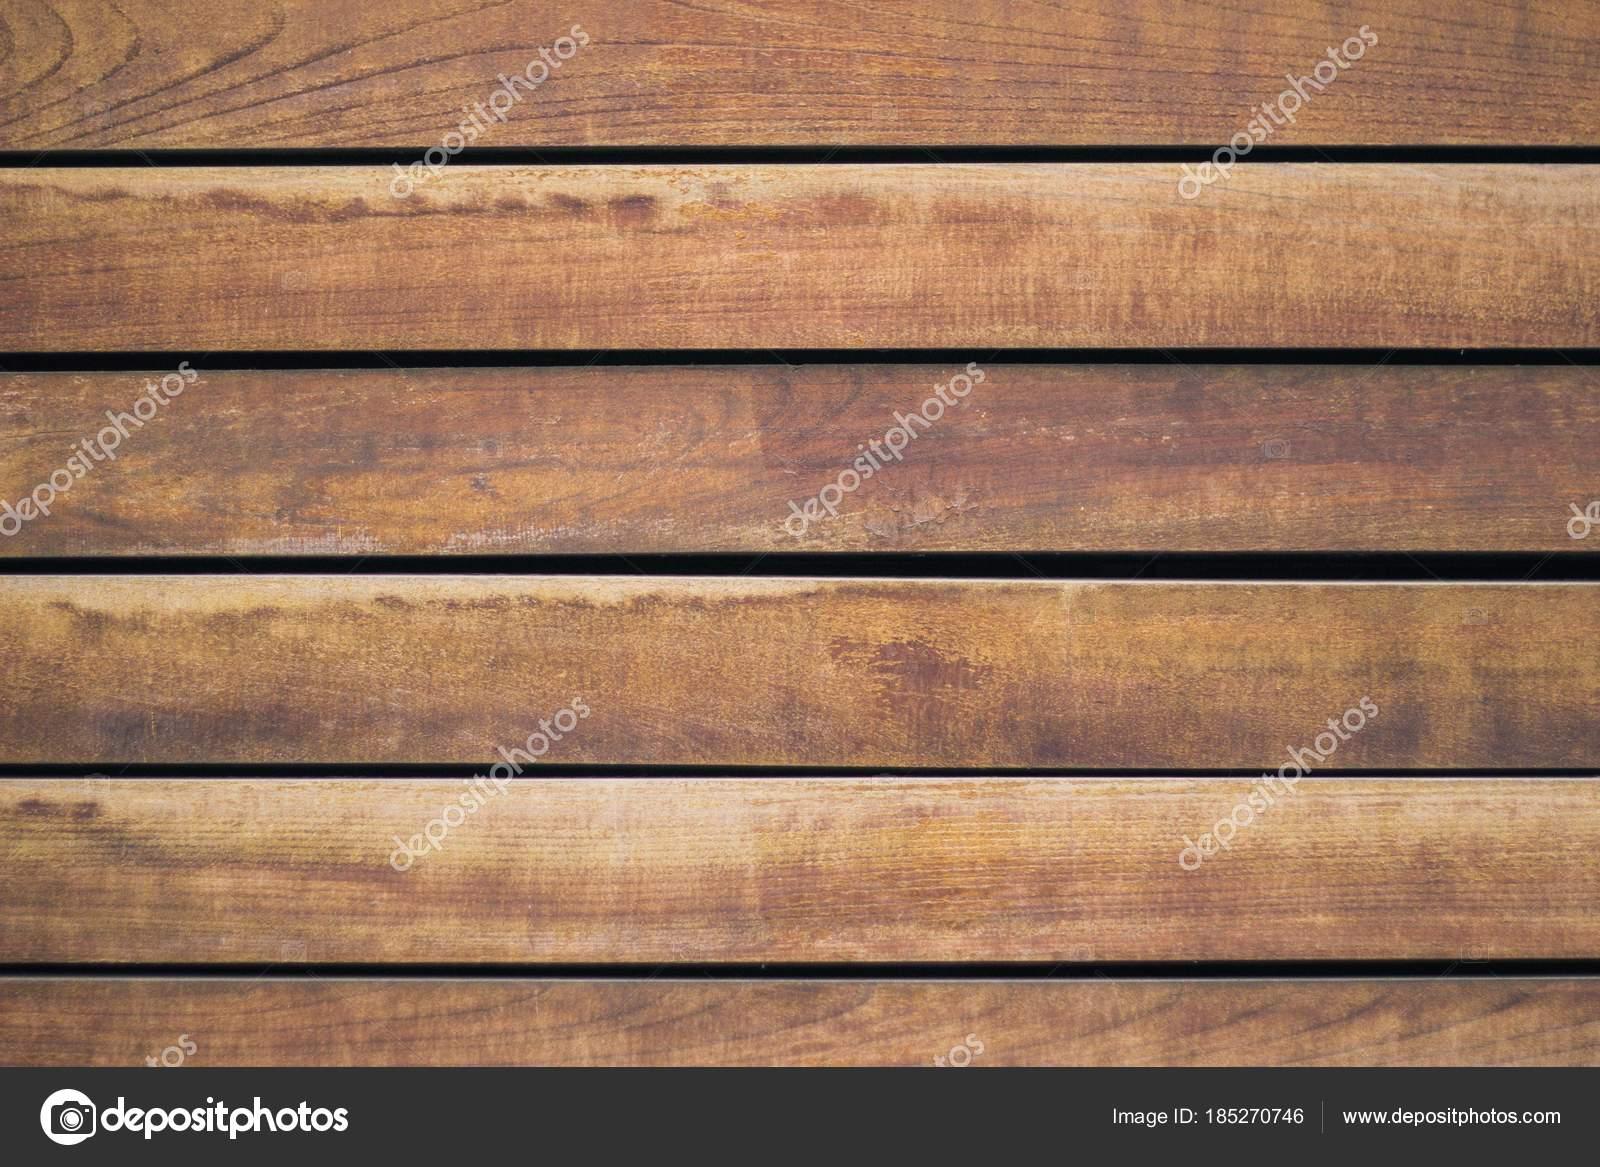 Texture Dessus Table Bois Photographie P Harut C 185270746